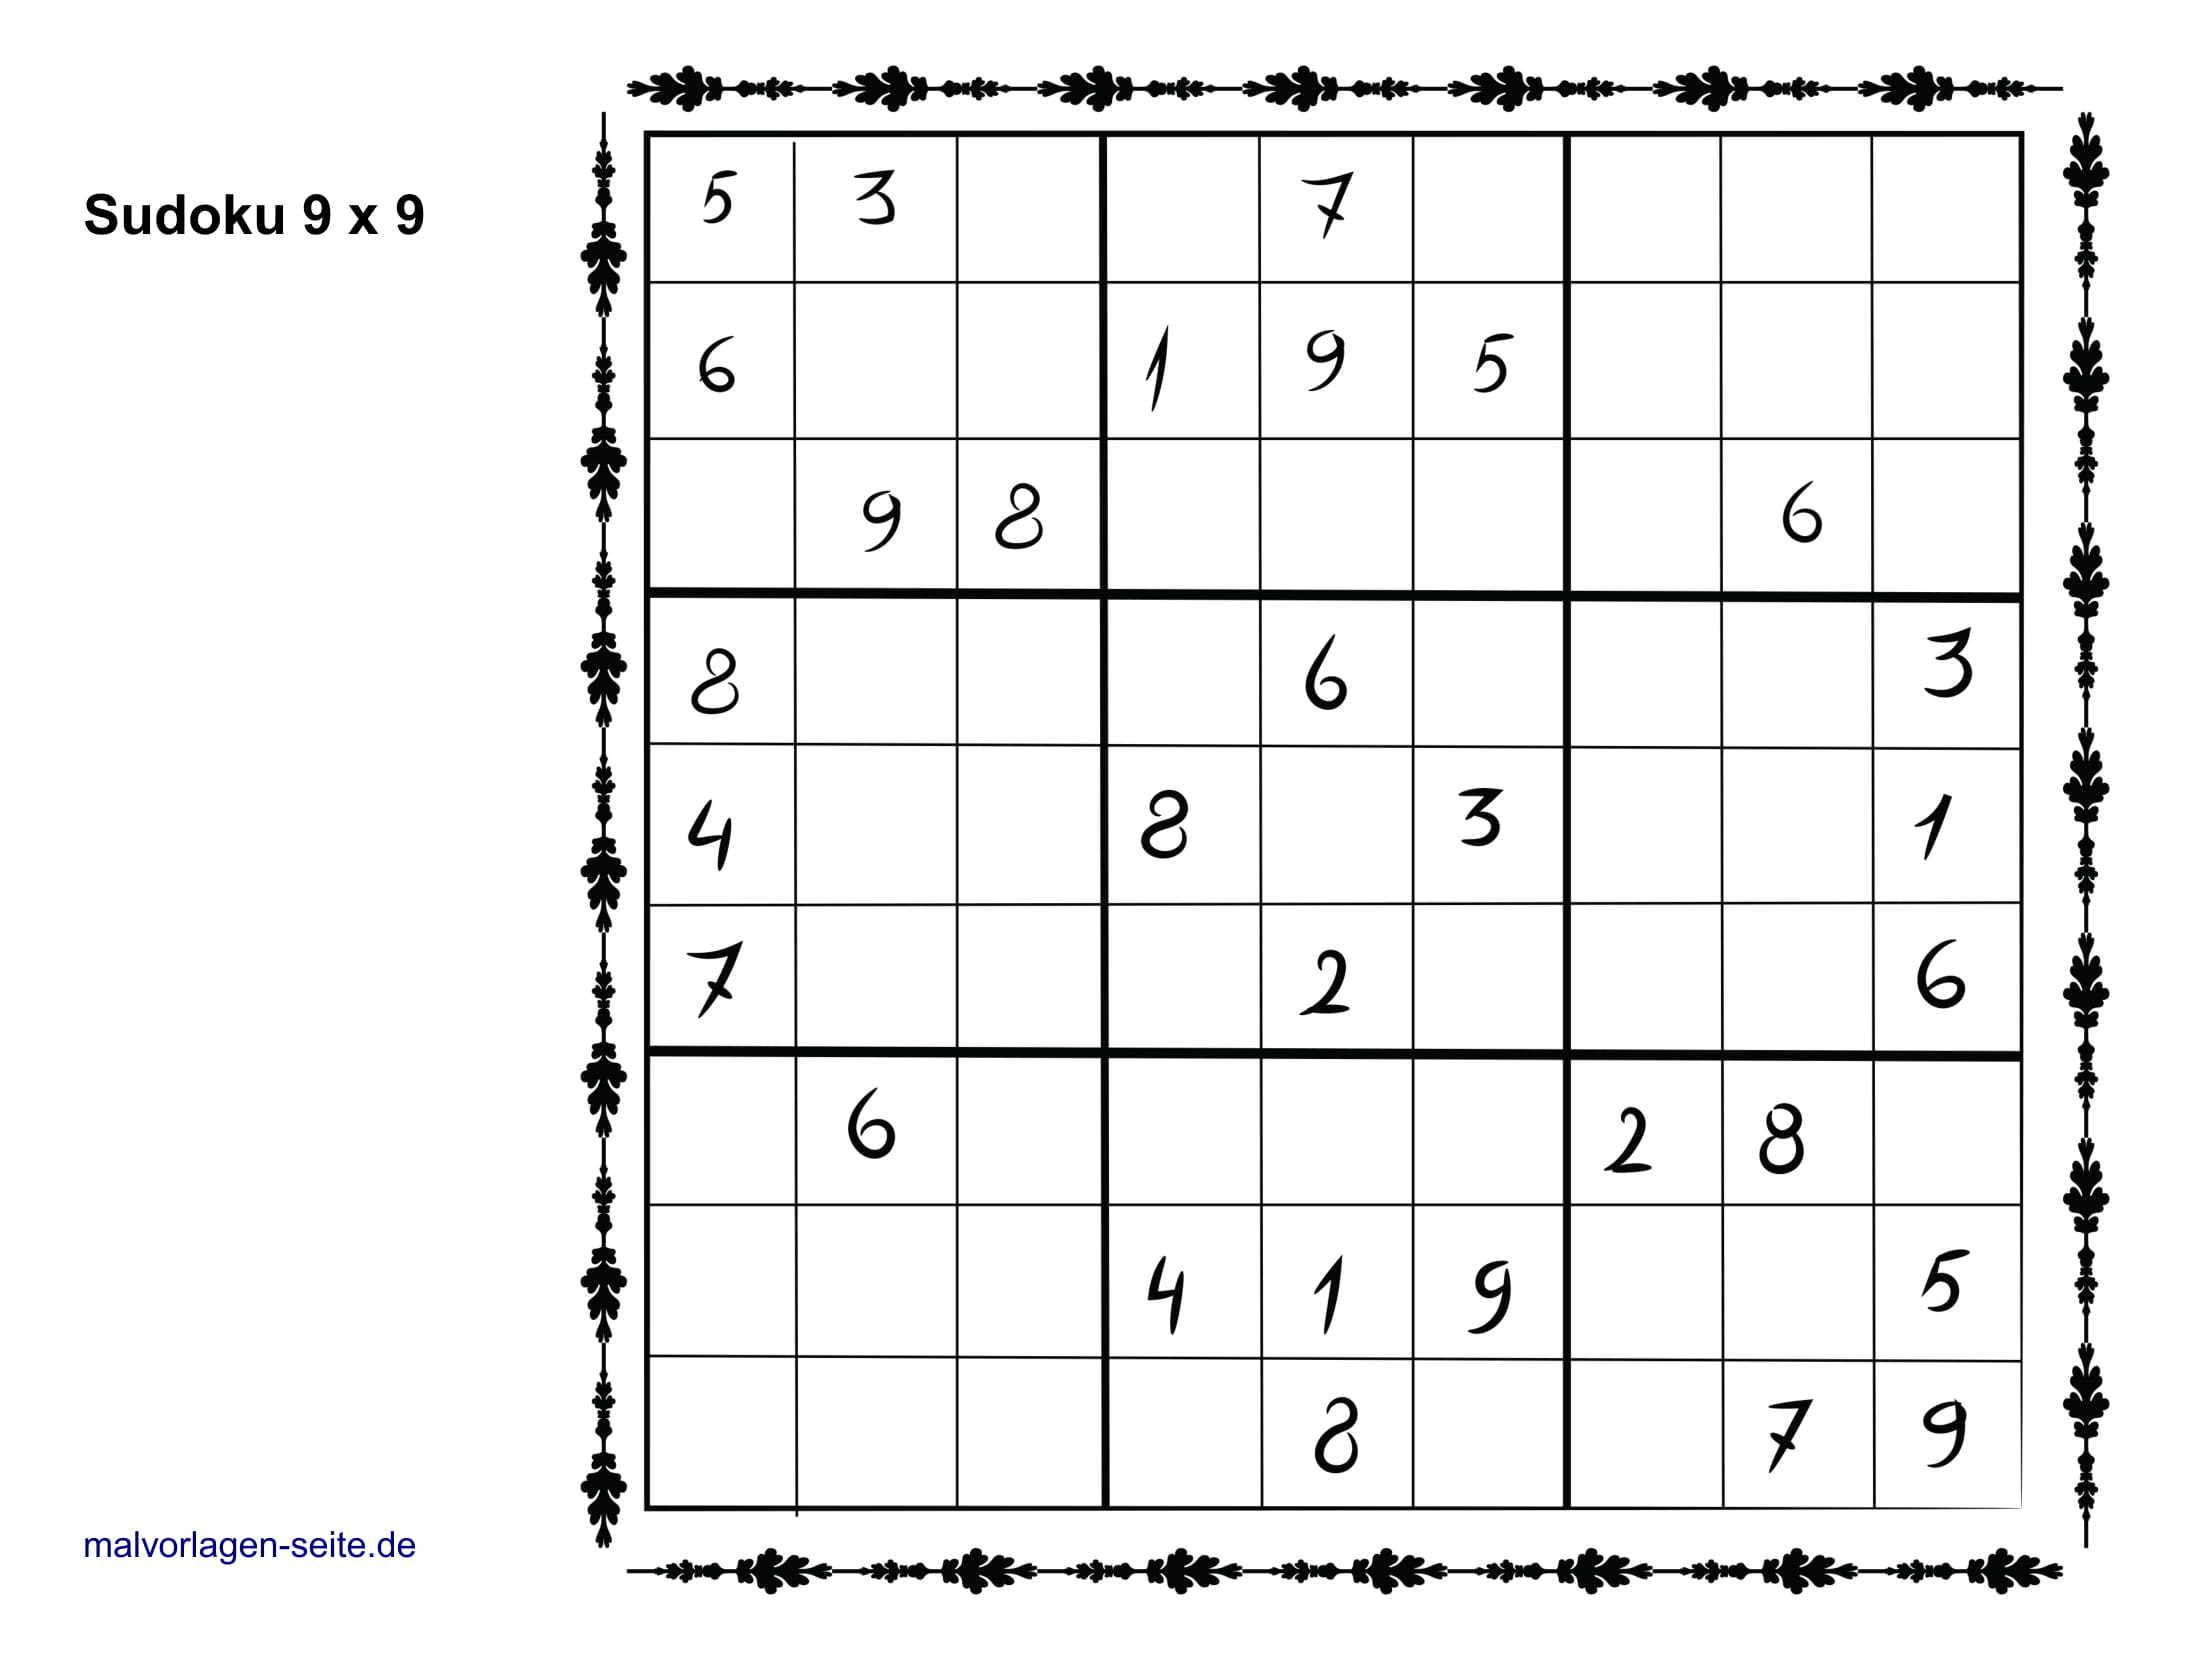 Sudoku Vorlagen 9X9 Einfach - Sudoku Vorlagen Kostenlos bei Sudoko Rätsel